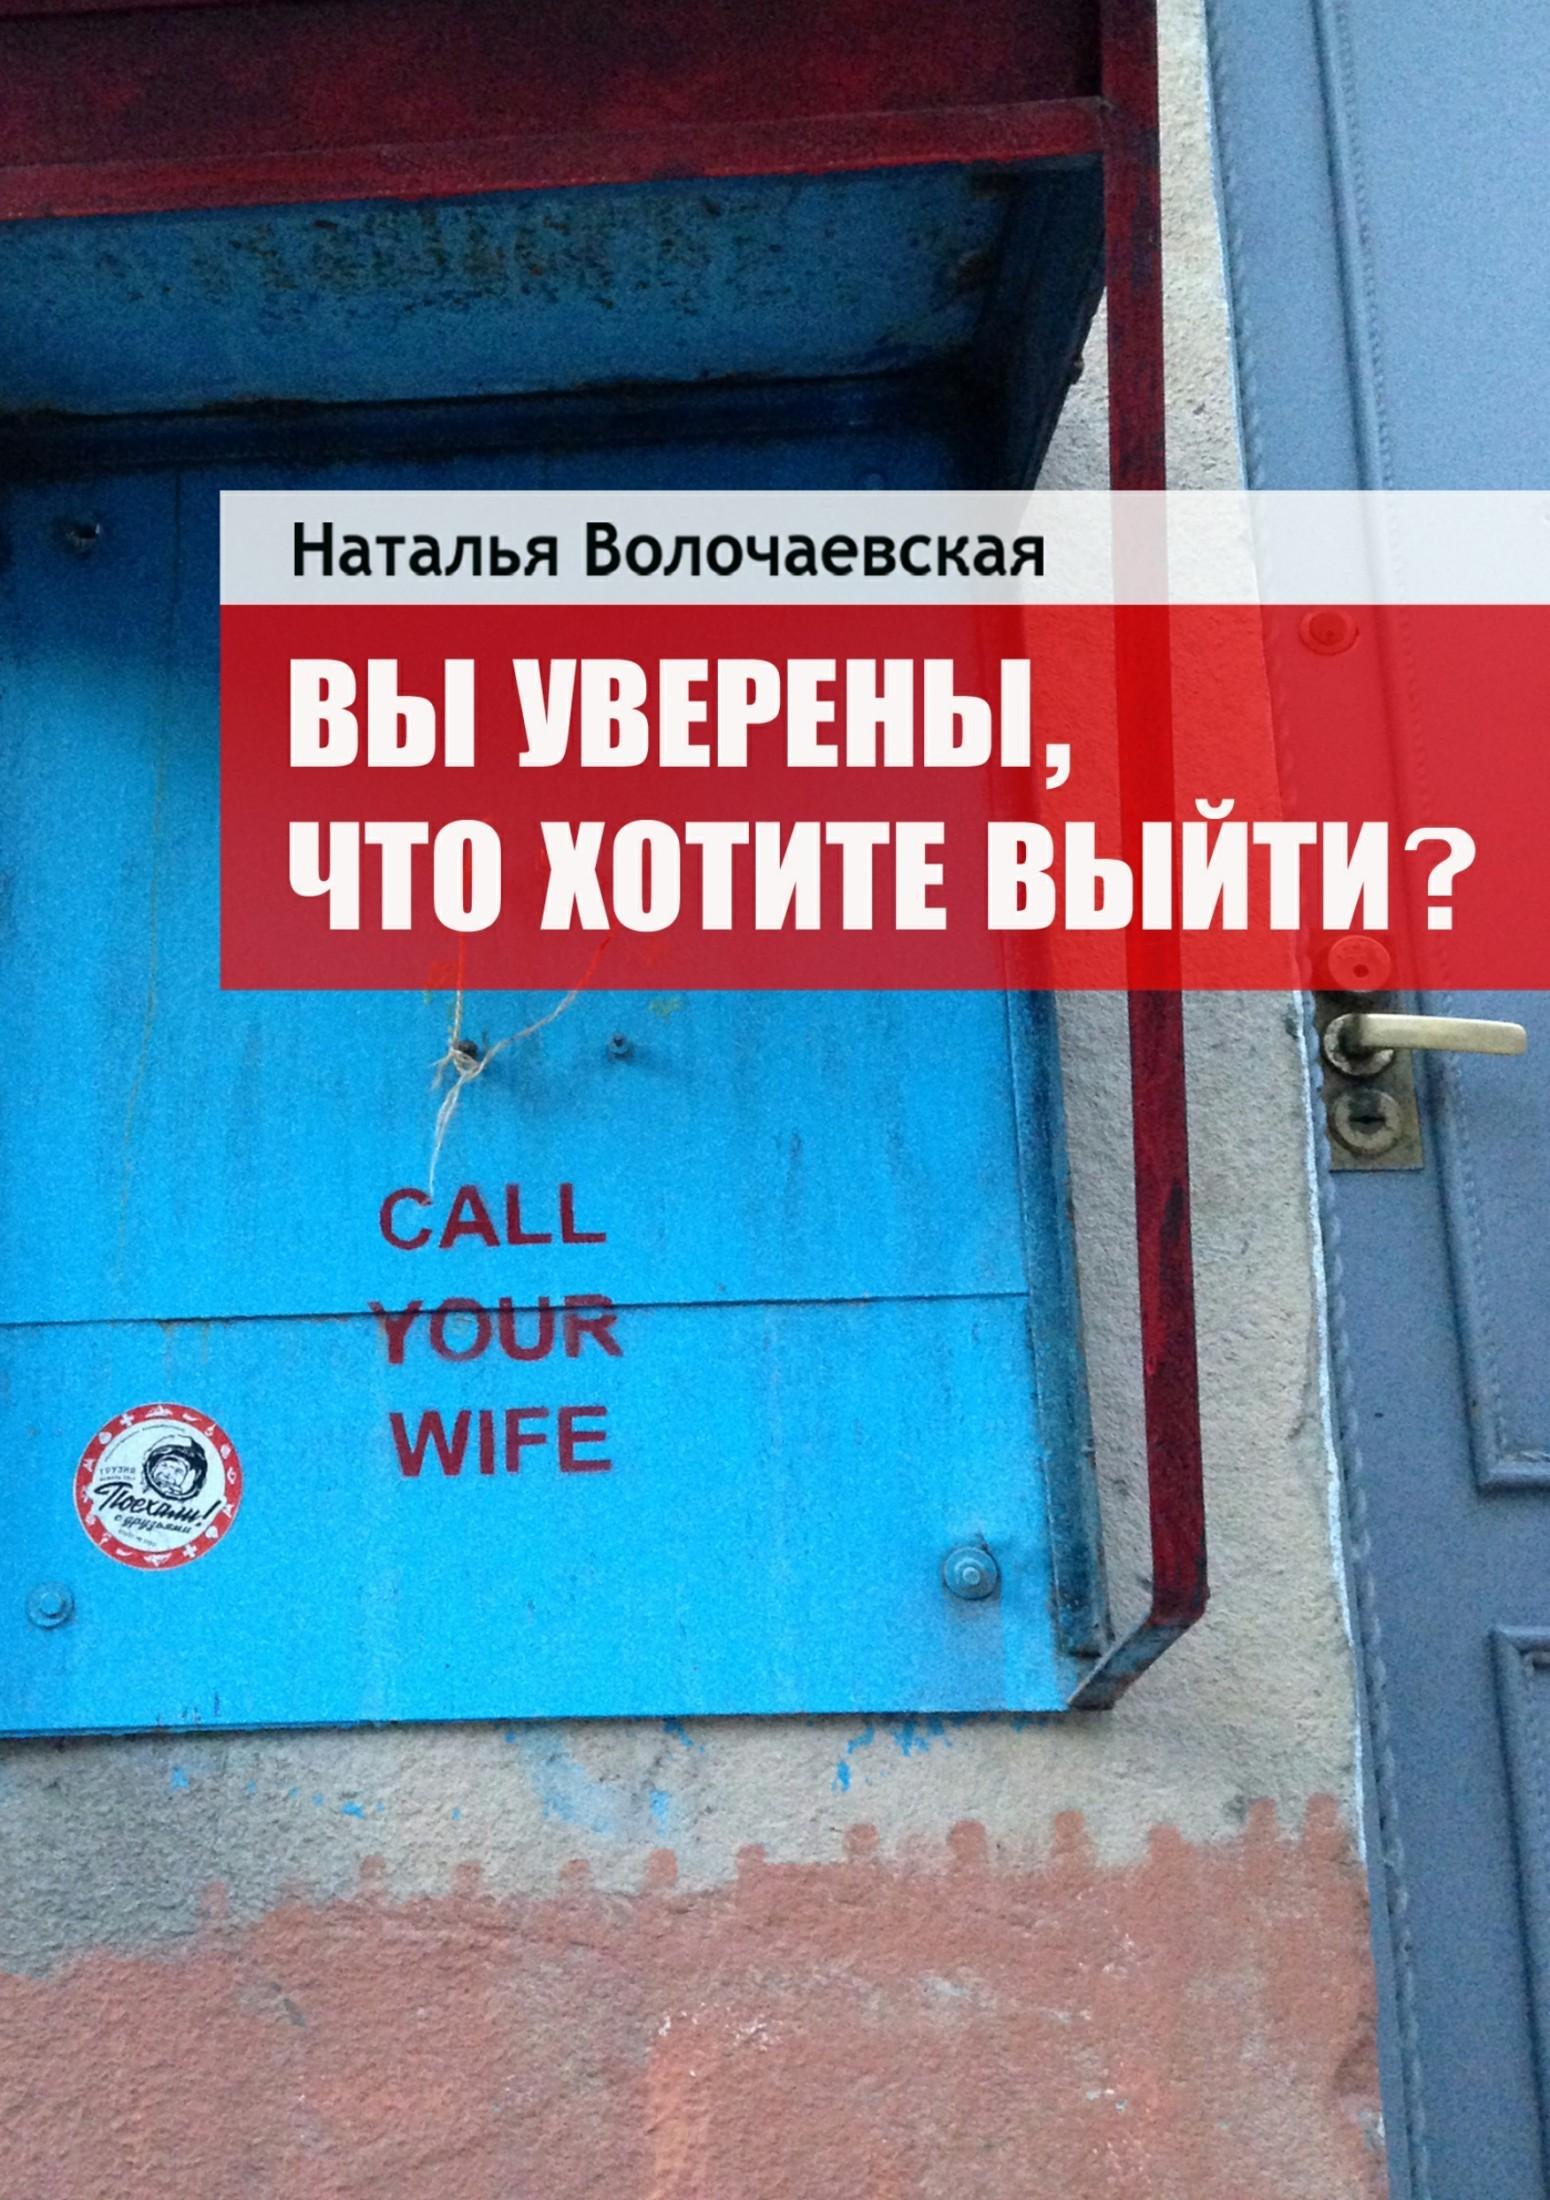 Наталья Волочаевская - Вы уверены, что хотите выйти?